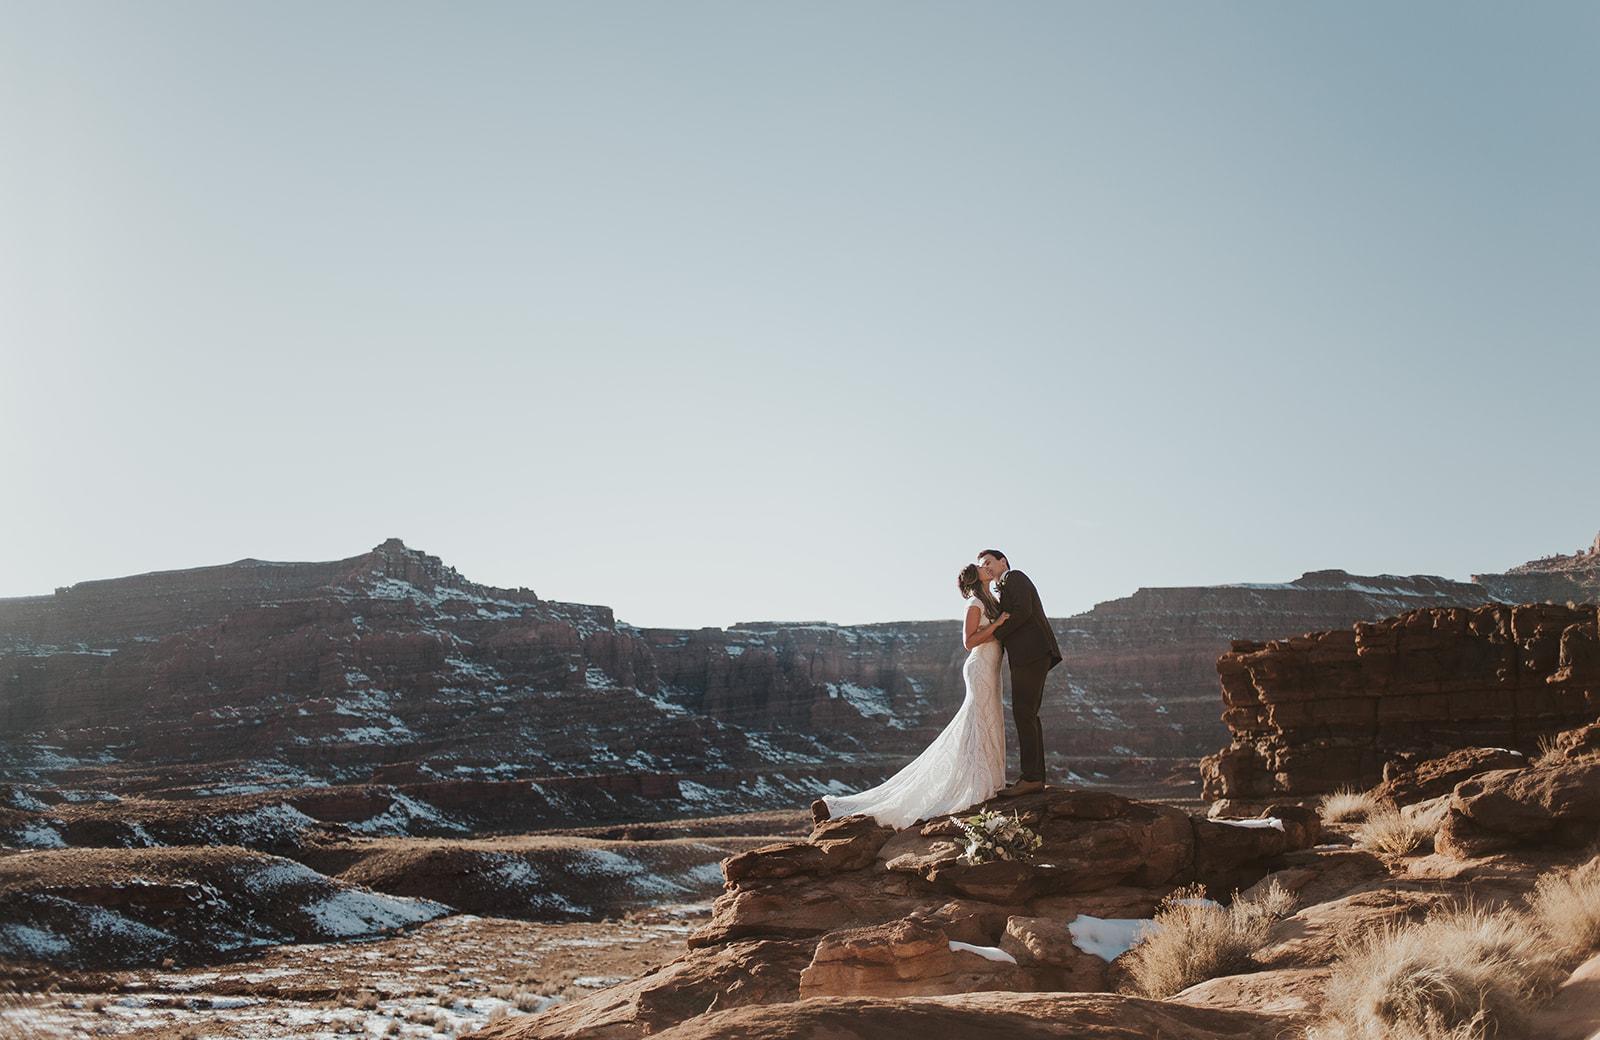 jamie+weston bridals-59.jpg